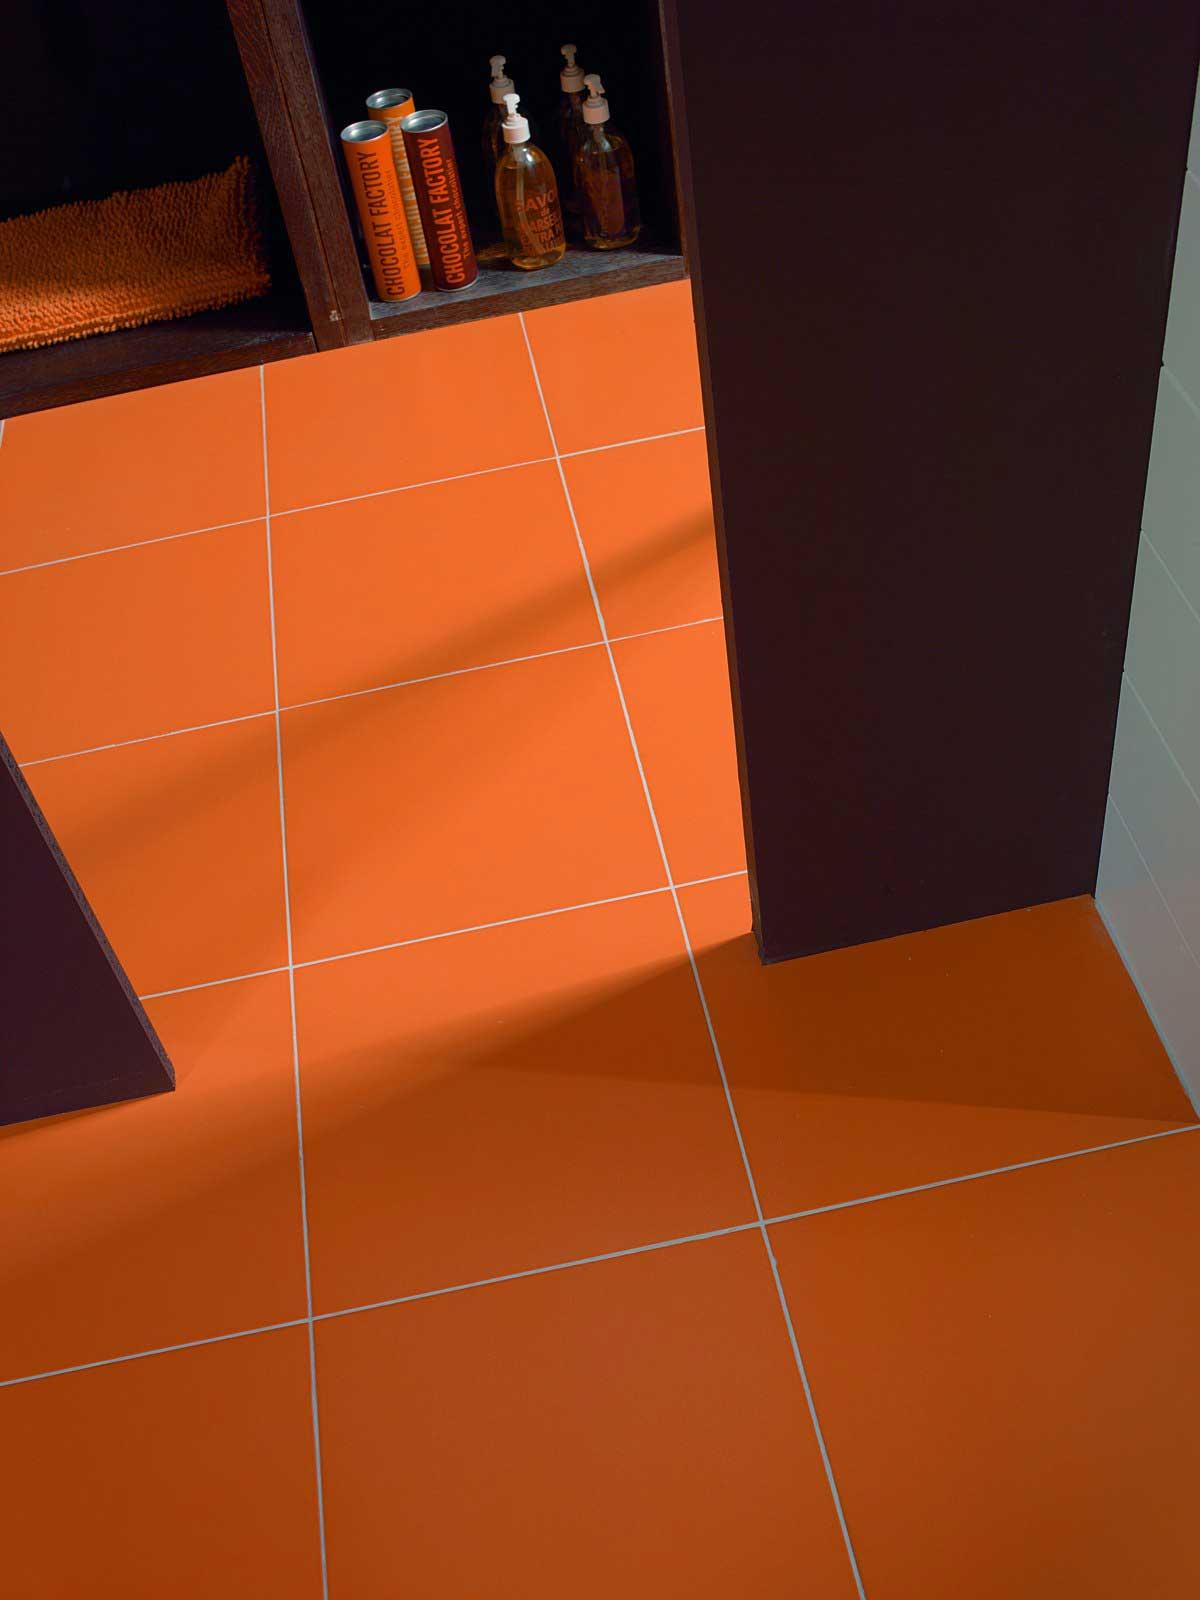 Fliesen in der farbe orange unsere kollektionen marazzi Carrelage orange